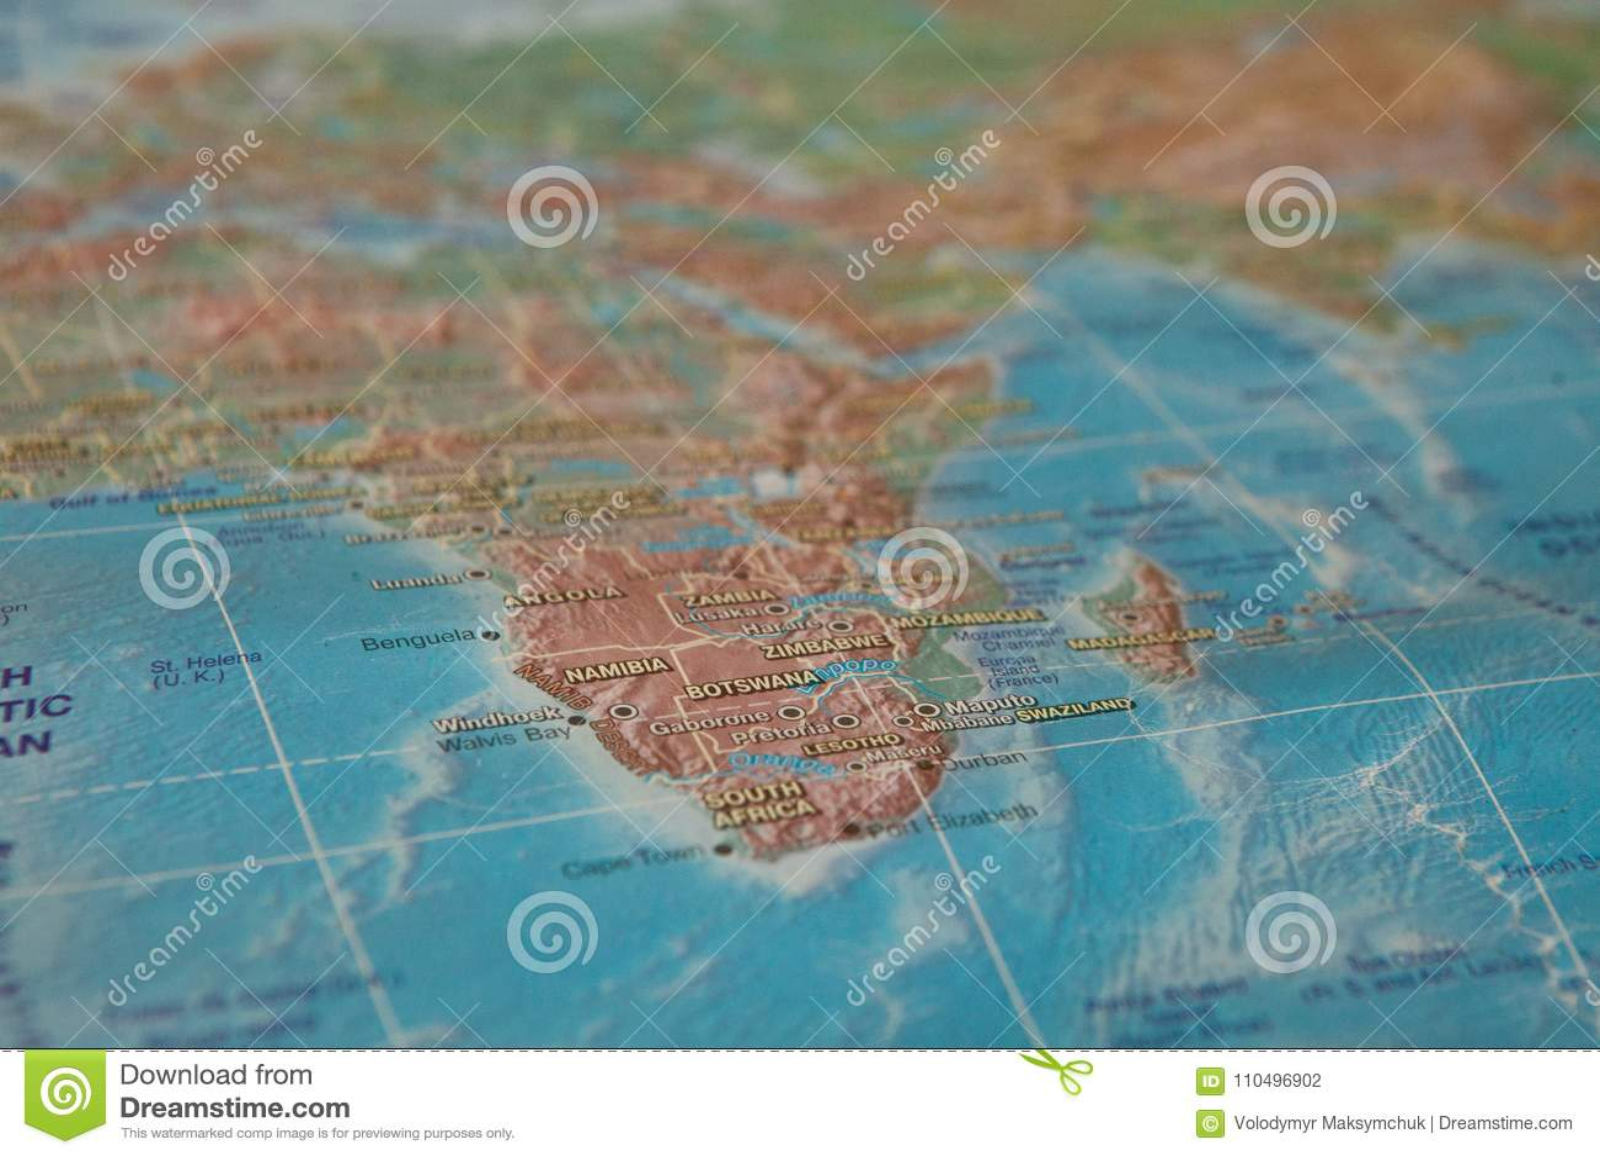 Afrika auf der Karte Afrika auf der Weltkarte